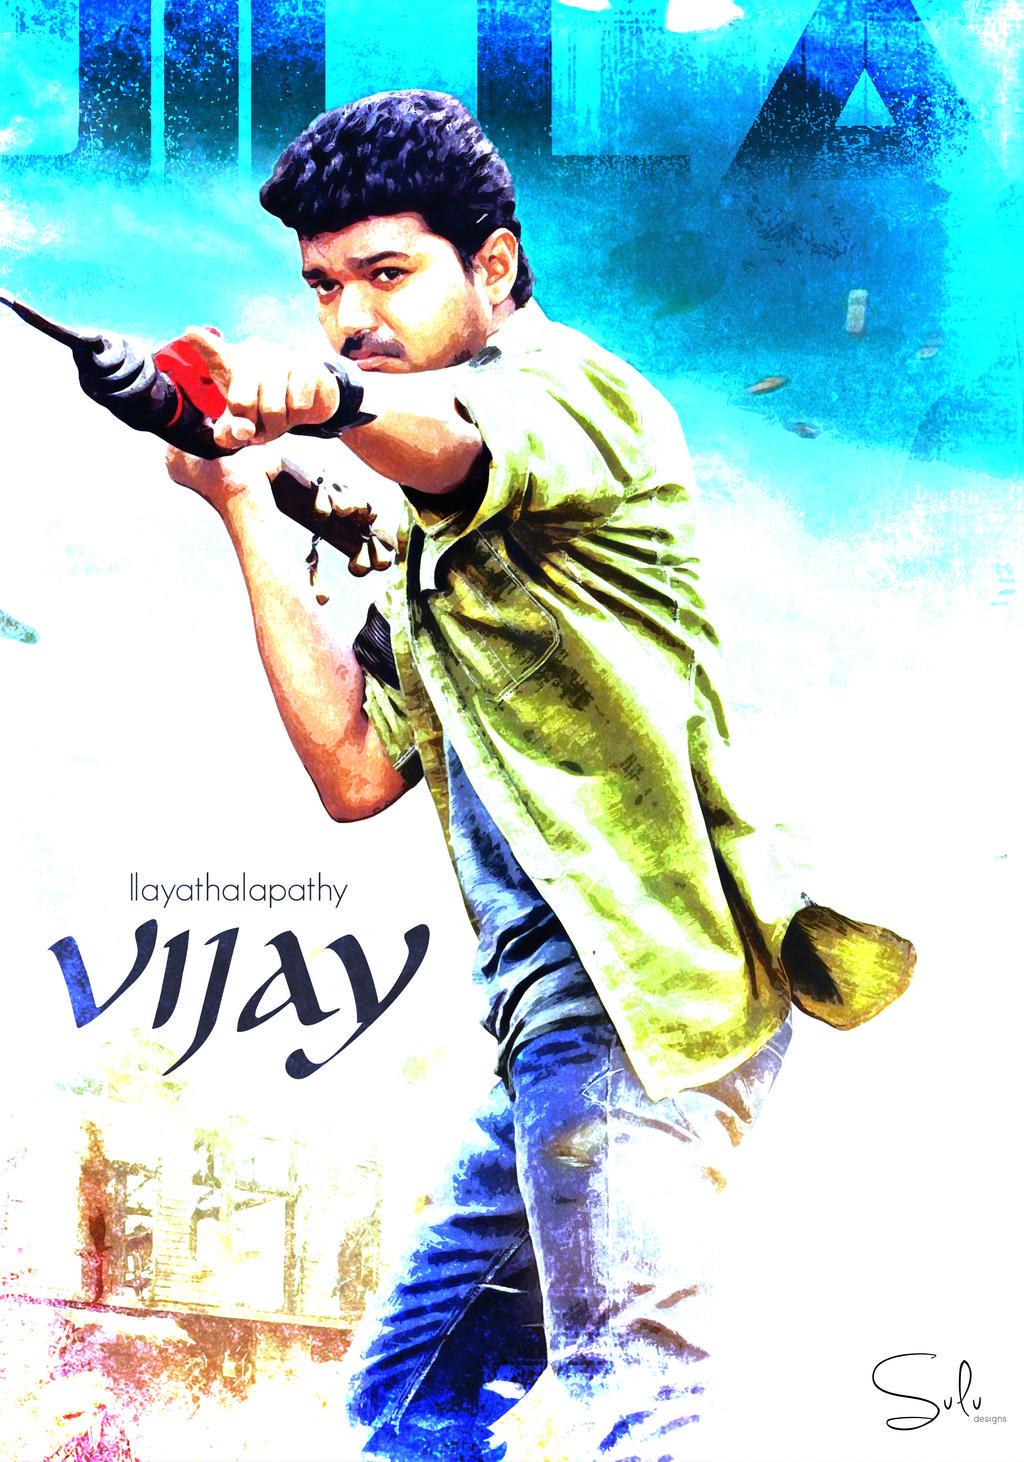 jilla movie posters.thuppakki. vijay jilla 50th day posters. jilla